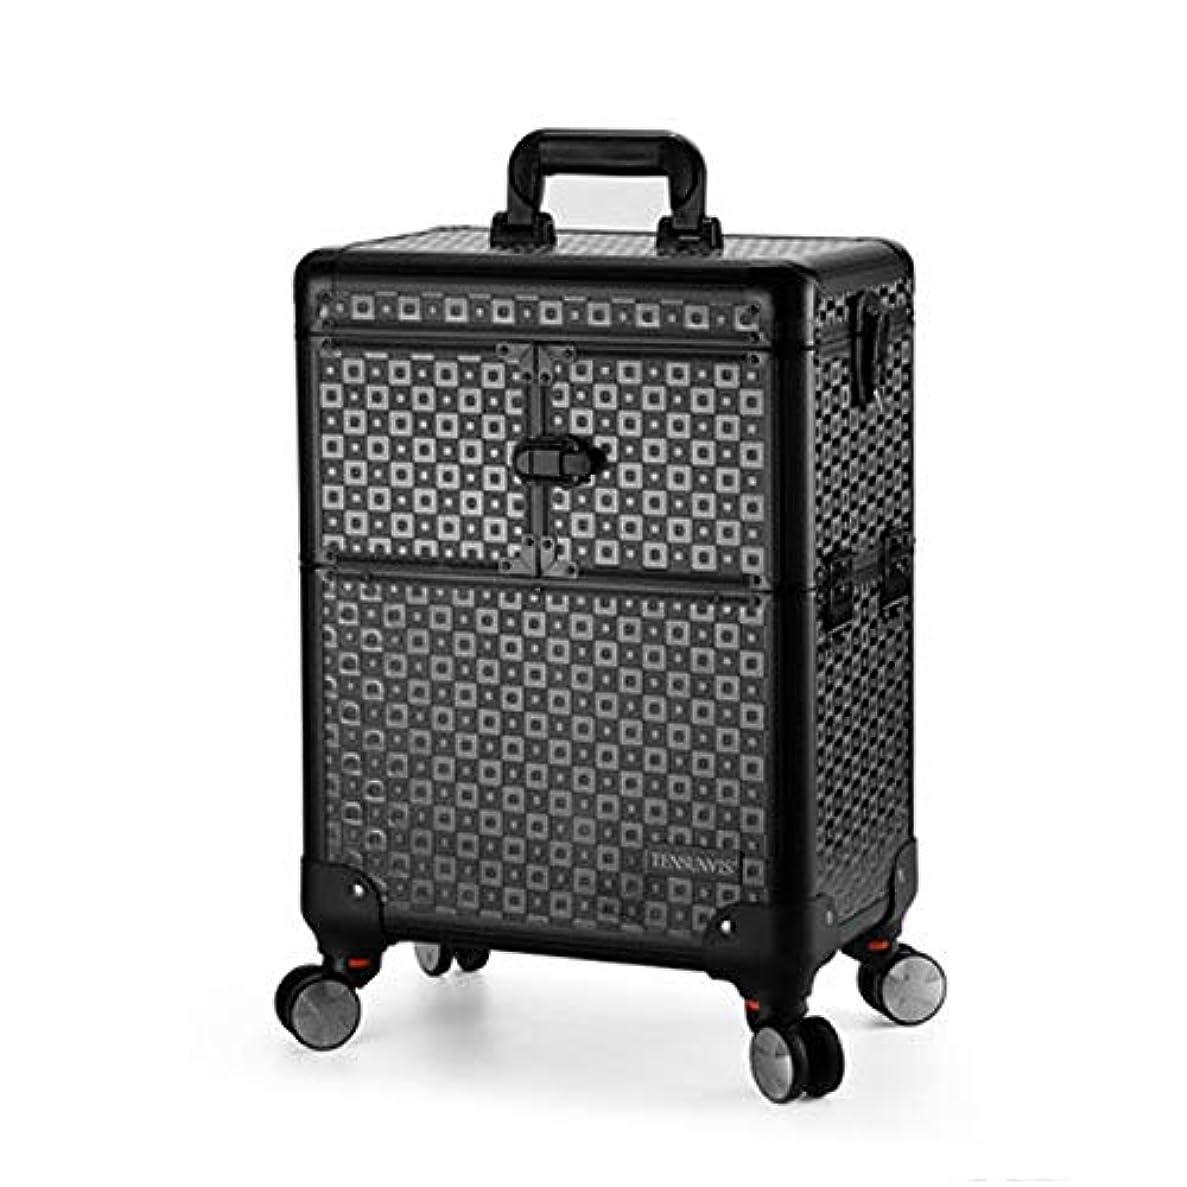 芽怠同じプロ専用 美容師 クローゼット スーツケース メイクボックス キャリーバッグ ヘアメイク プロ 大容量 軽量 高品質 多機能 I-TT-4622-TB-T